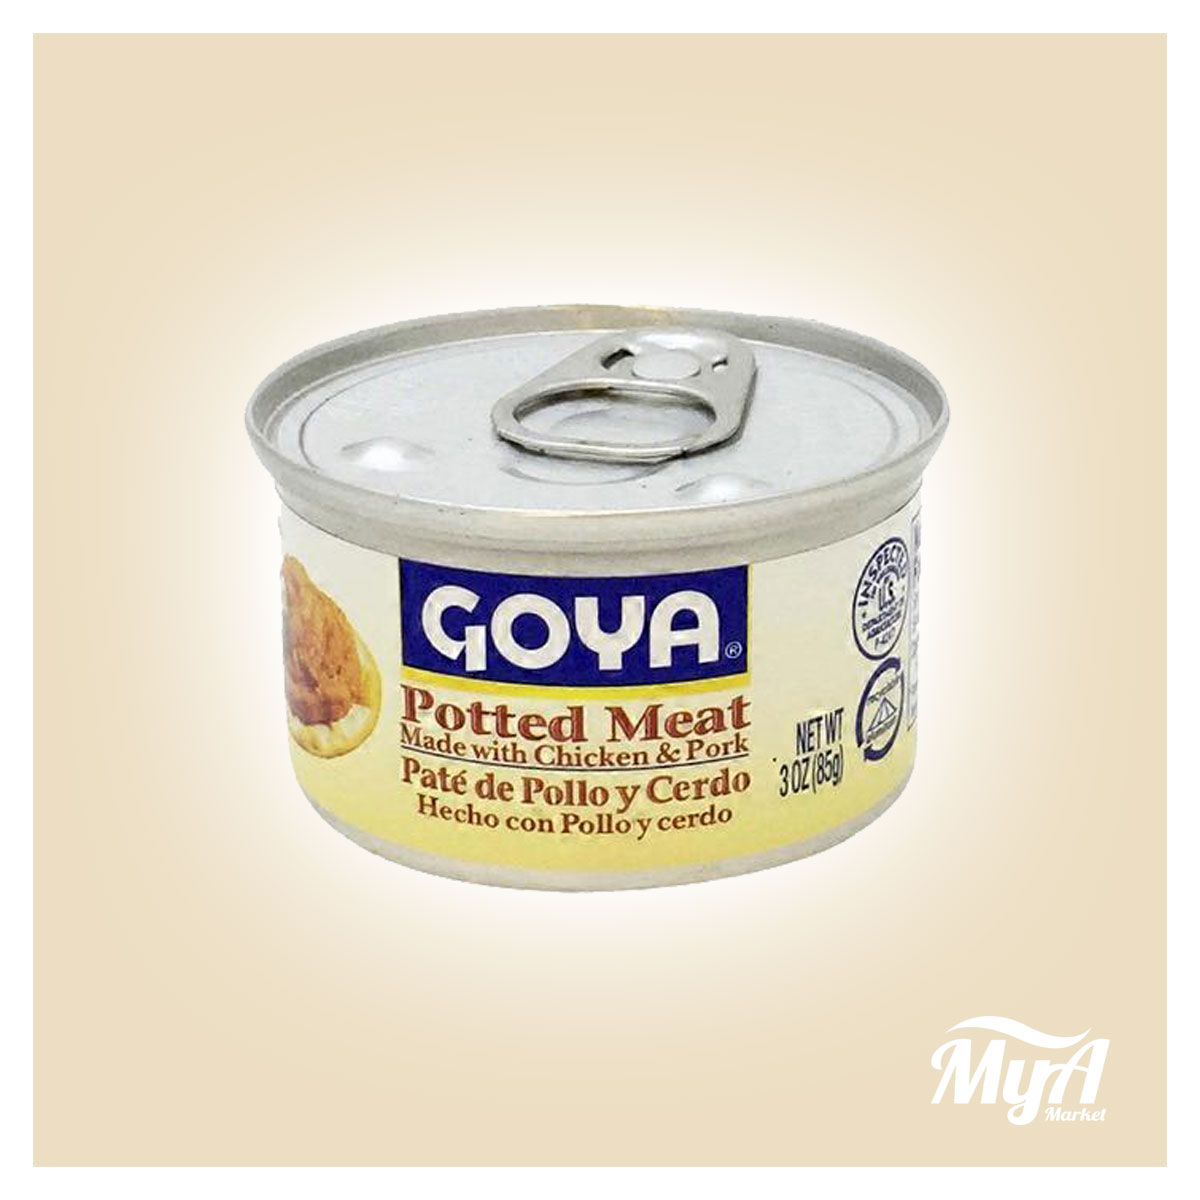 Pate de Pollo/Cerdo Goya